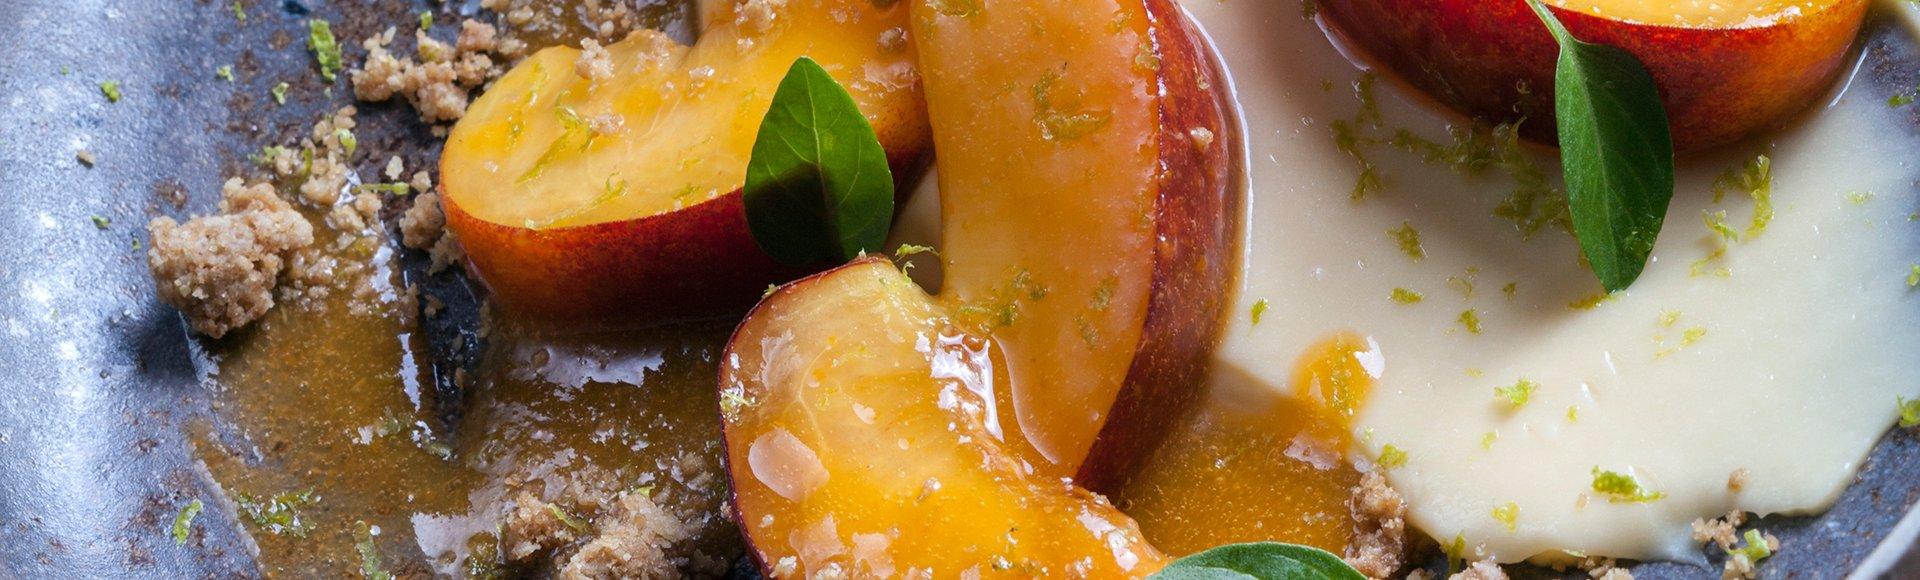 Ροδάκινα με κρέμα λεμόνι και crumble αμυγδάλου